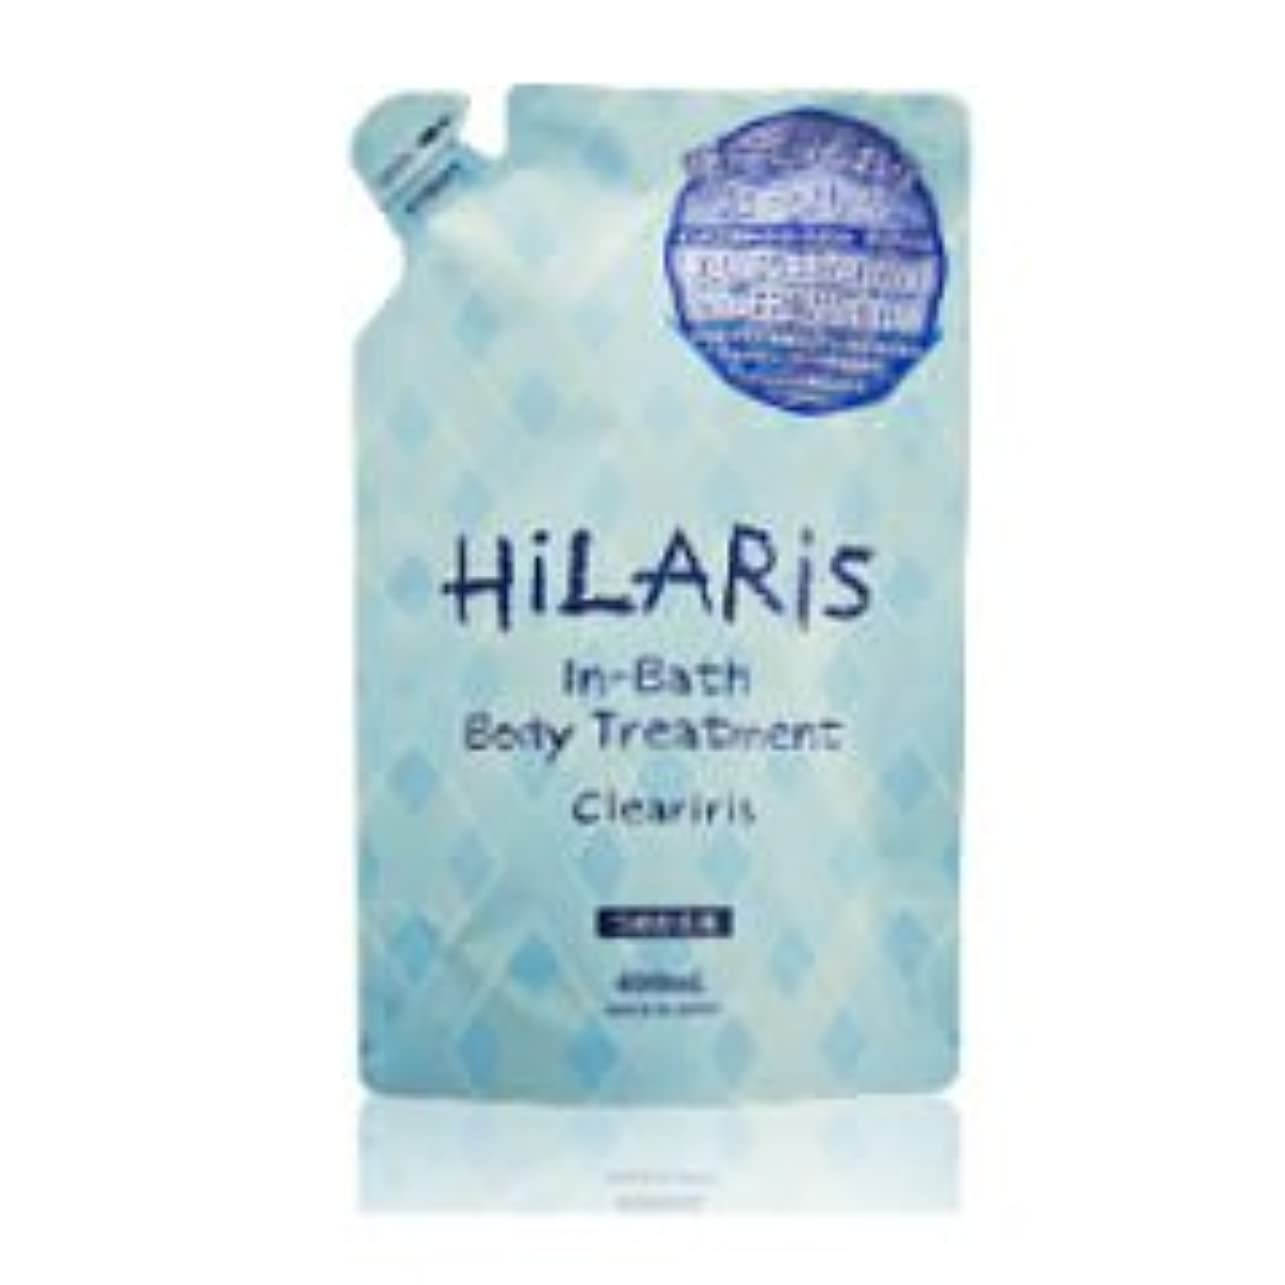 決定邪魔する架空のヒラリス(HiLARiS)クリアイリスインバスボディトリートメント詰替